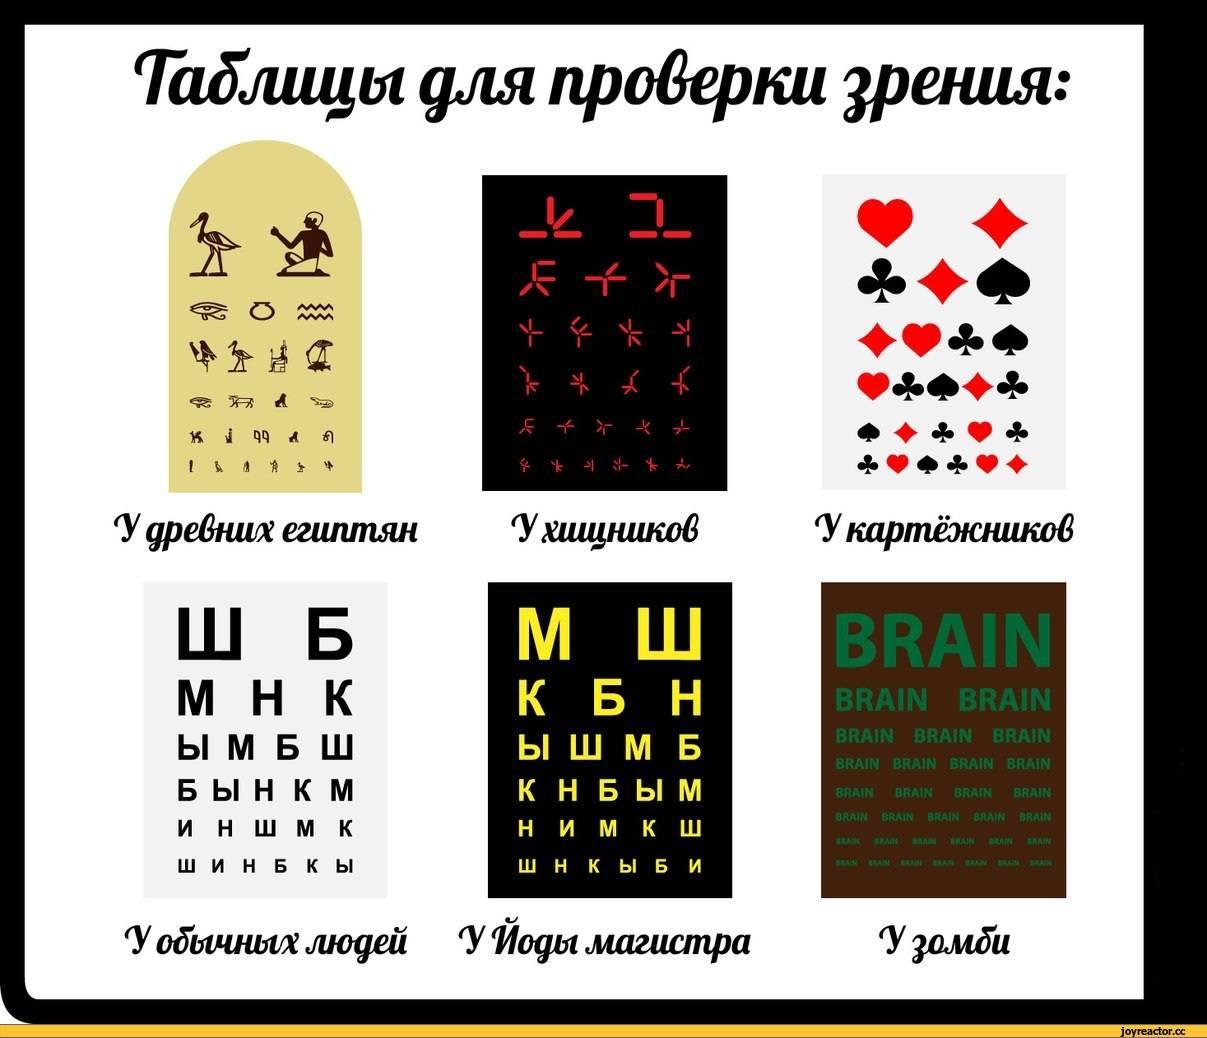 Таблица для проверки зрения (таблица головина)